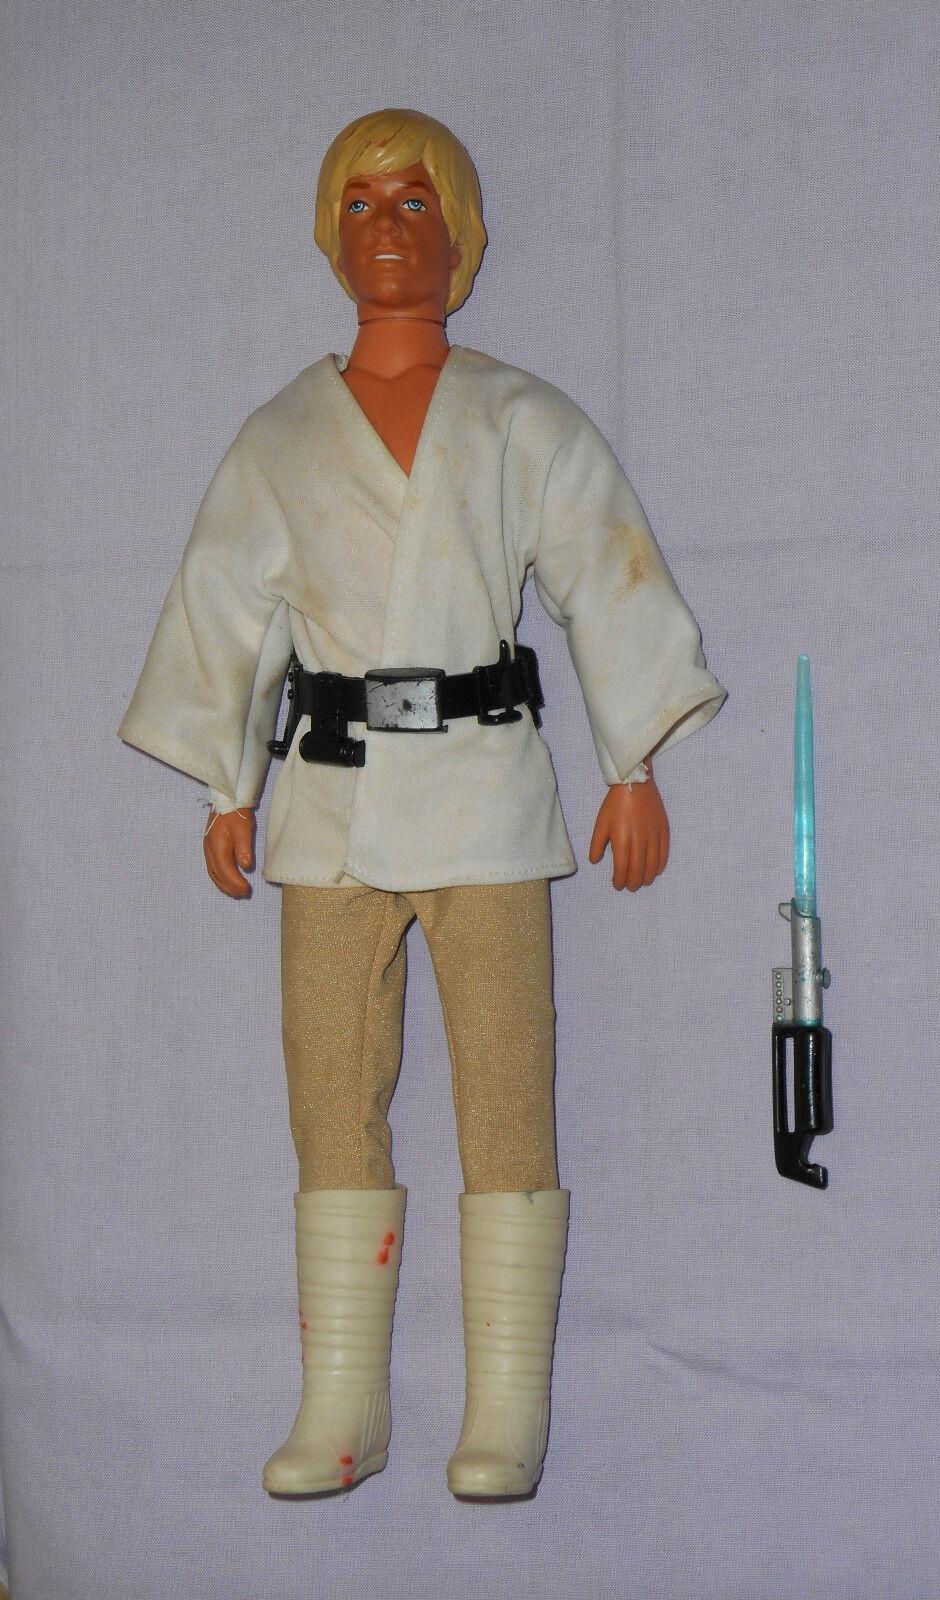 Vintage Star Wars LARGE-Dimensione (12) (12) (12) LUKE SKYWALKER figure Kenner 5306ed